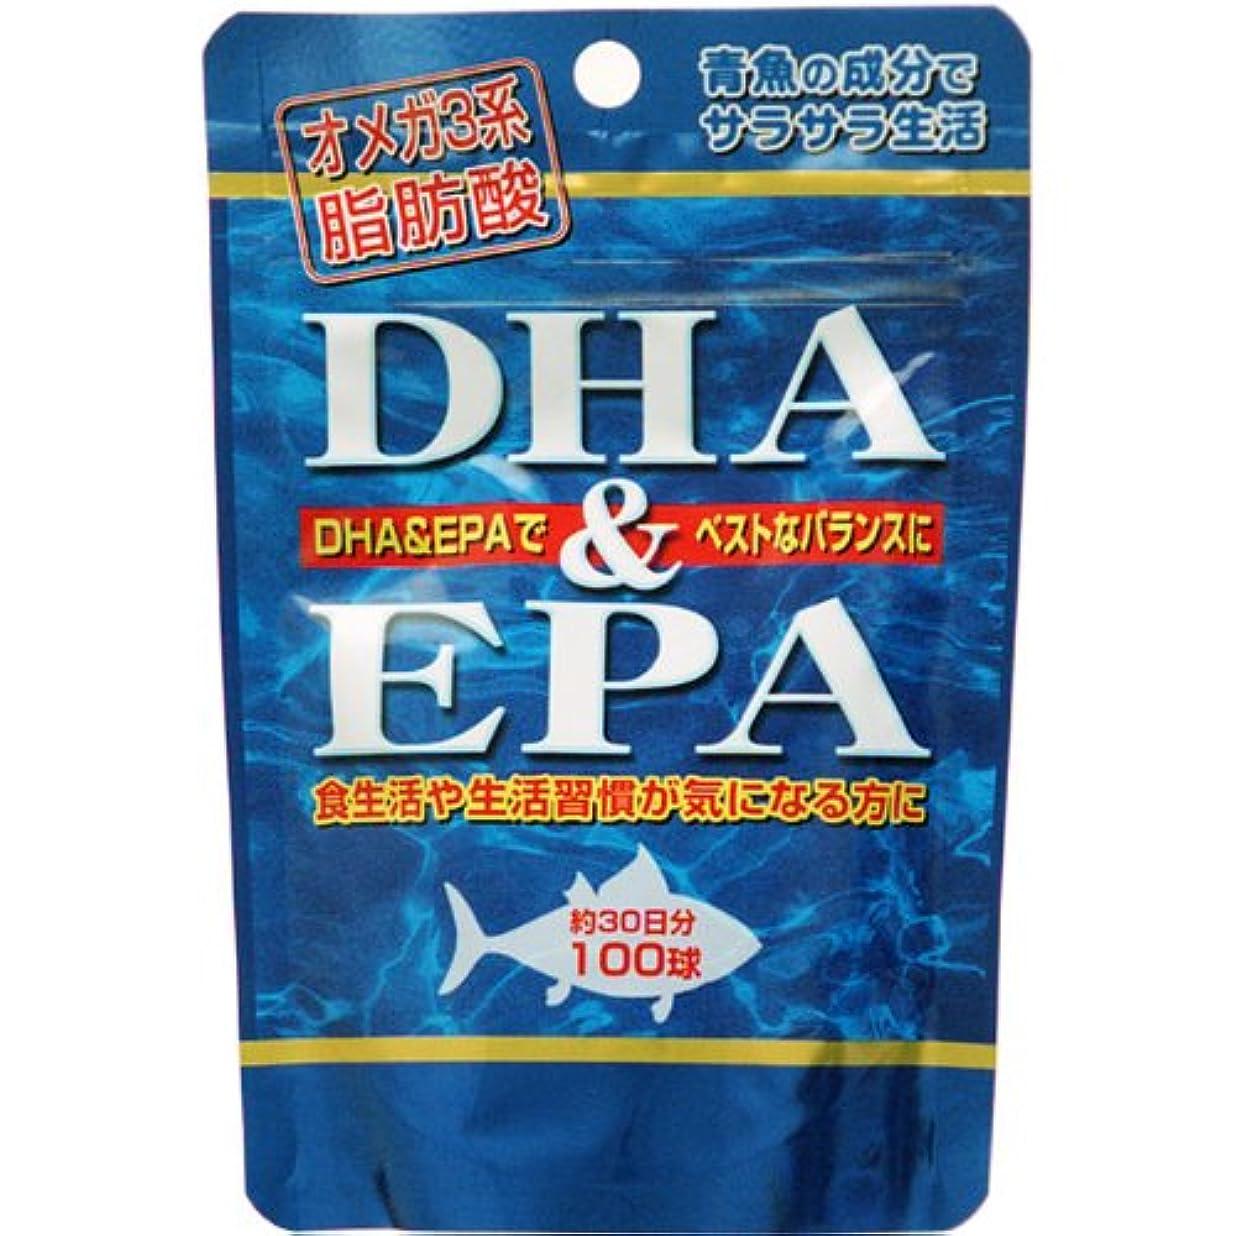 DHA(ドコサヘキサエン酸)&EPA(エイコサペンタエン酸)×5